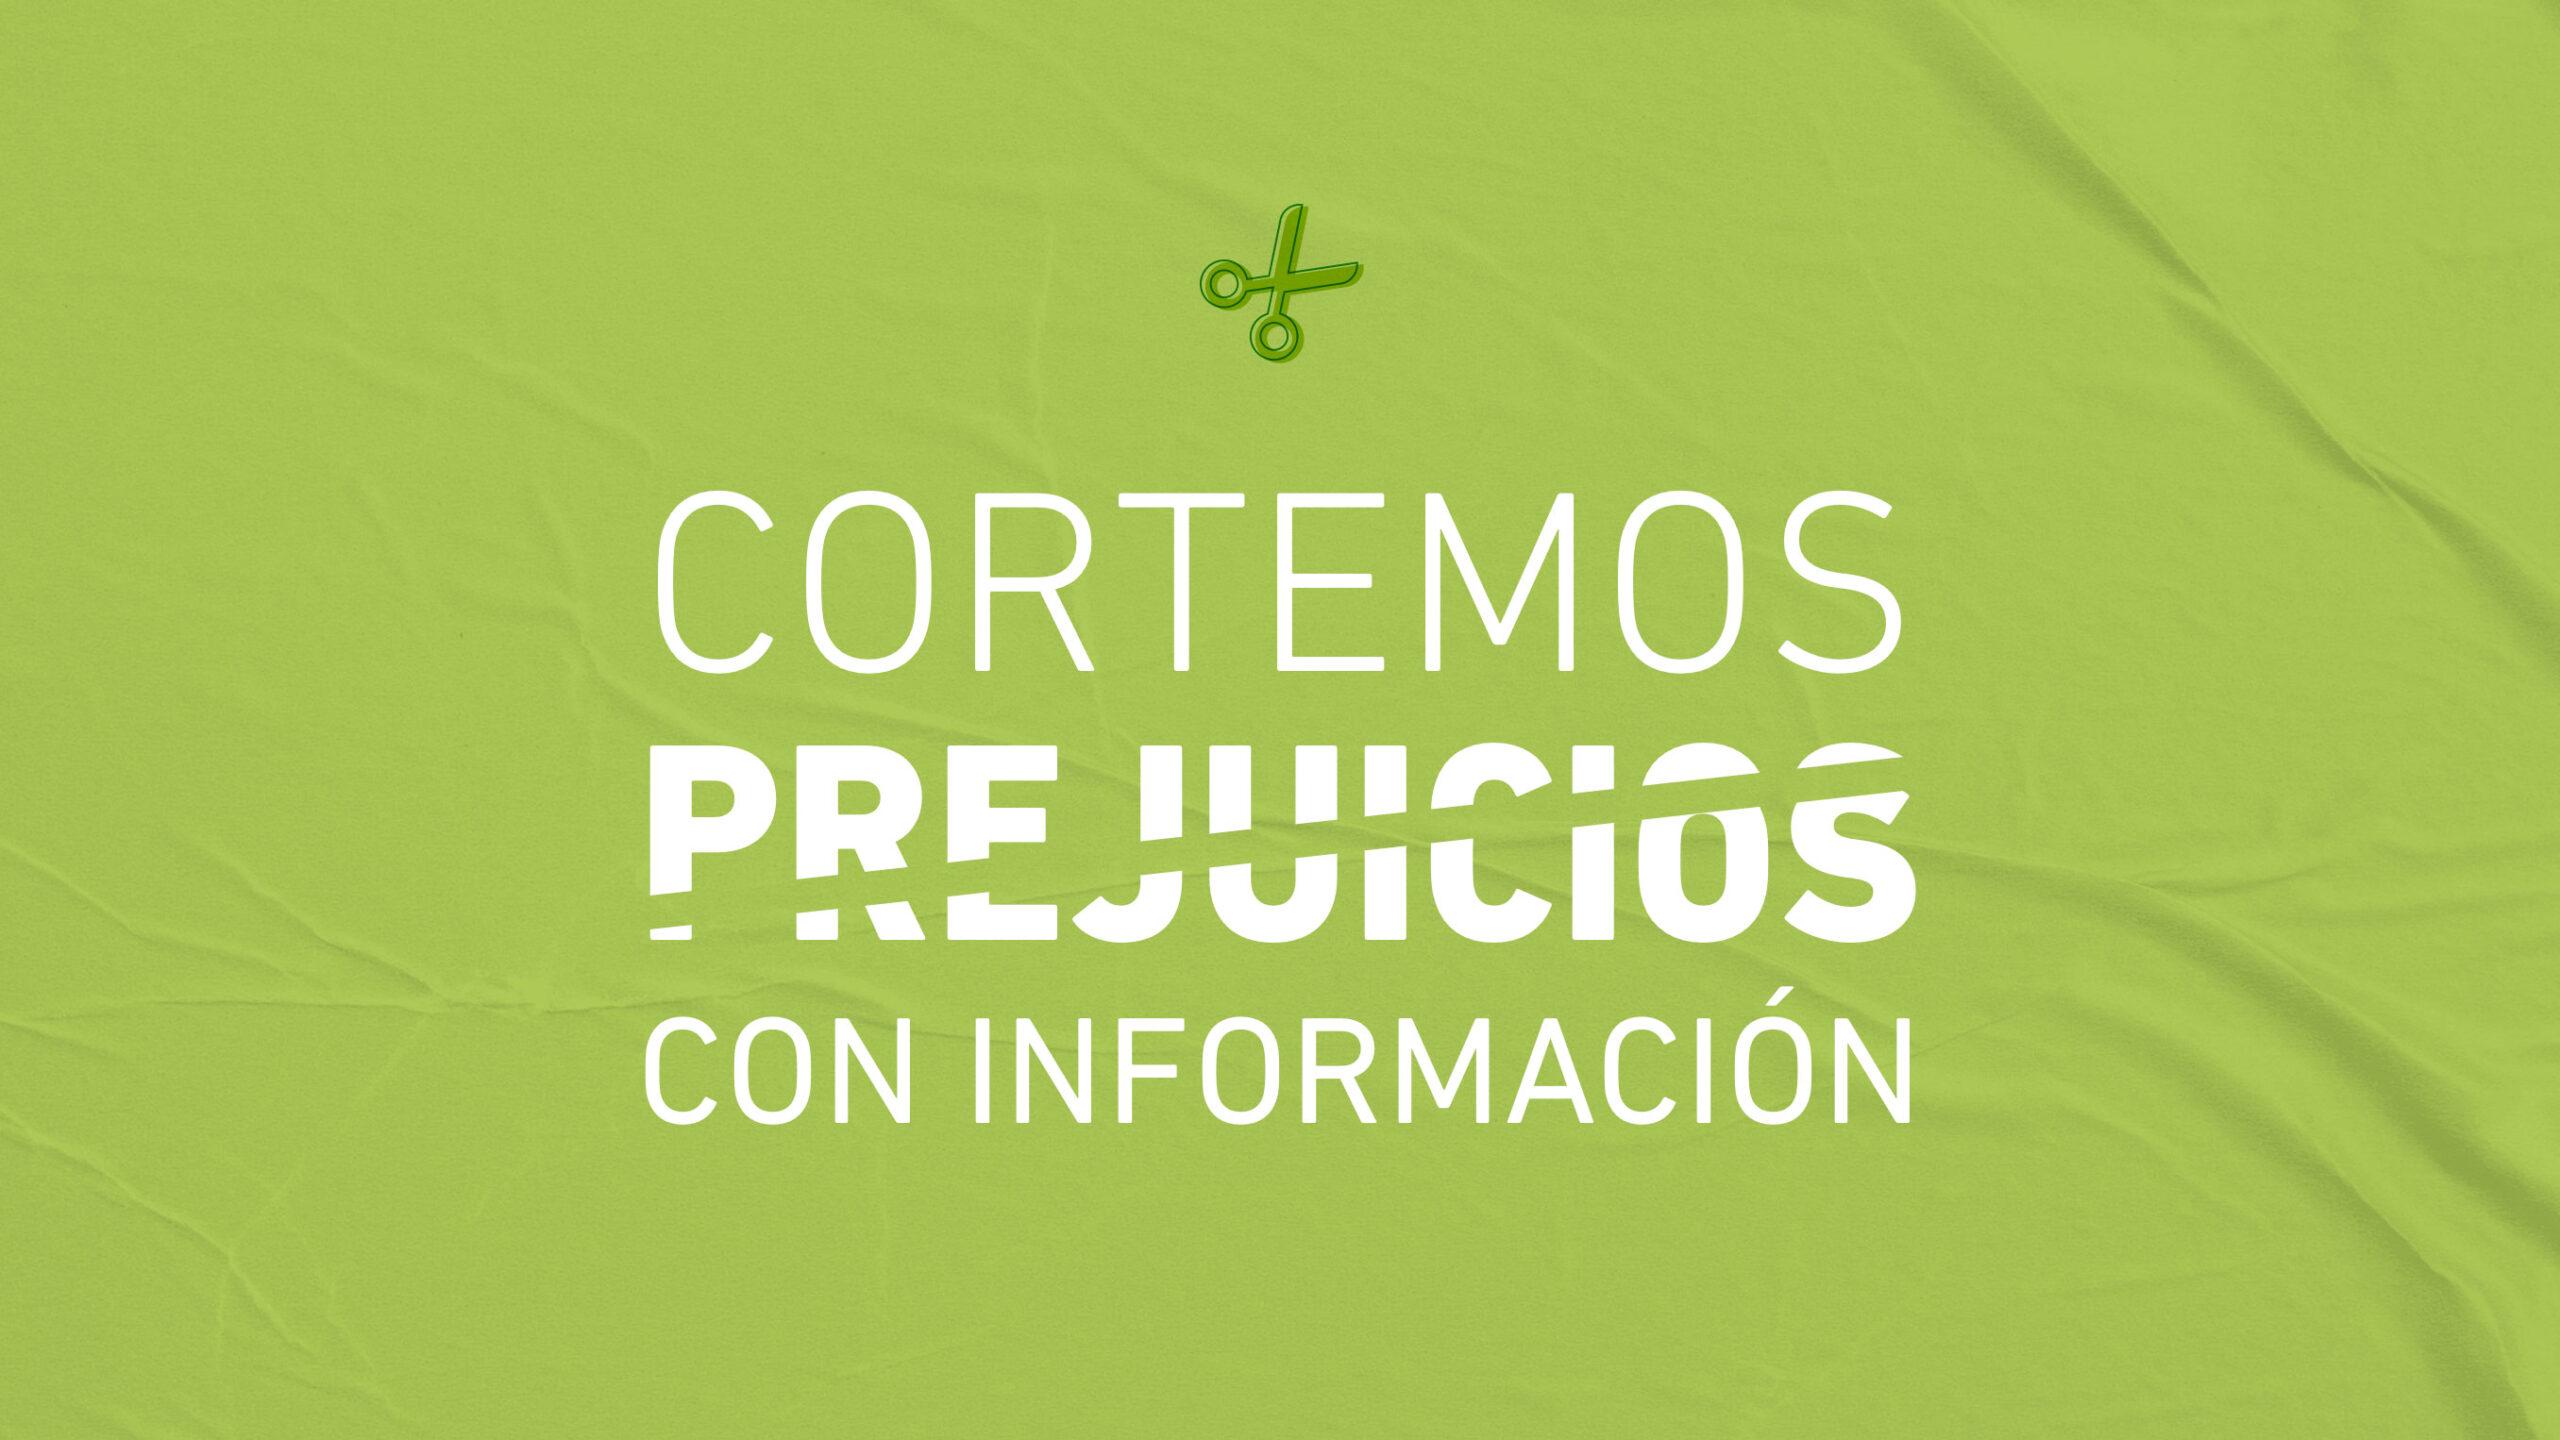 Lanzamos la campaña «Cortemos prejuicios con información»